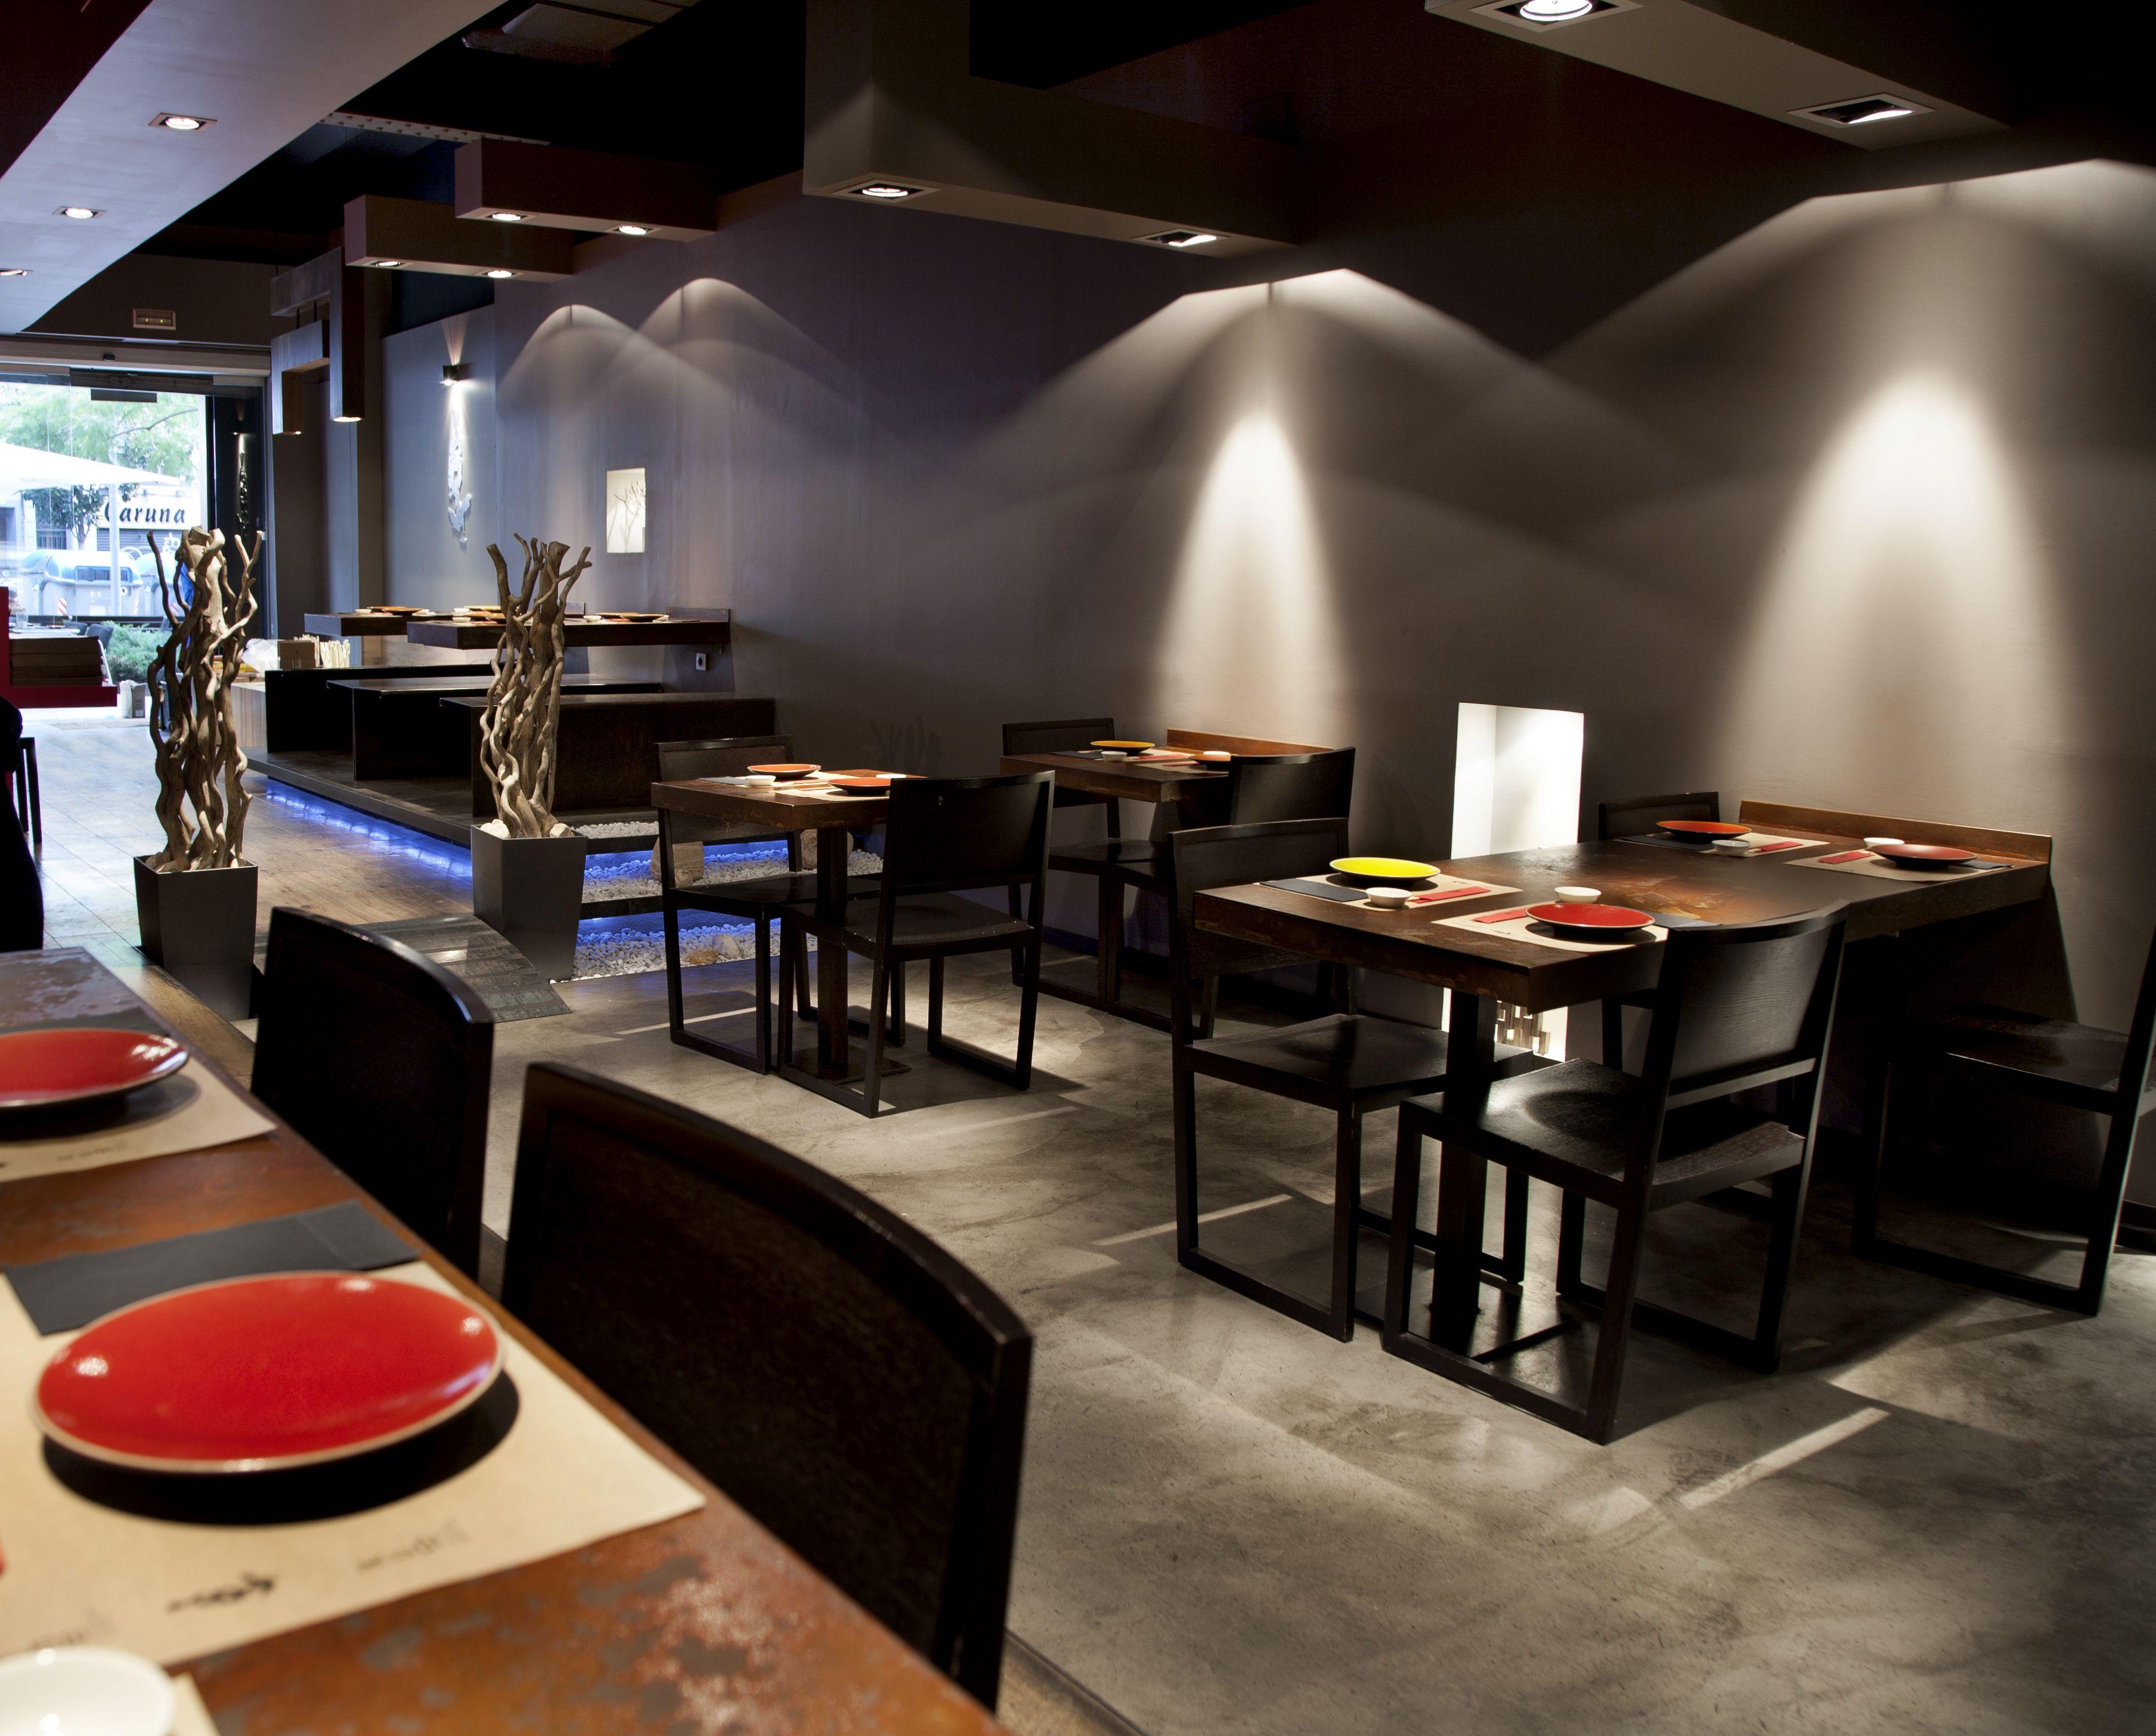 Interior restaurante nomo by estudijosepcortina local de ambiente moderno y cosmopolita pero - Interiores de restaurantes ...